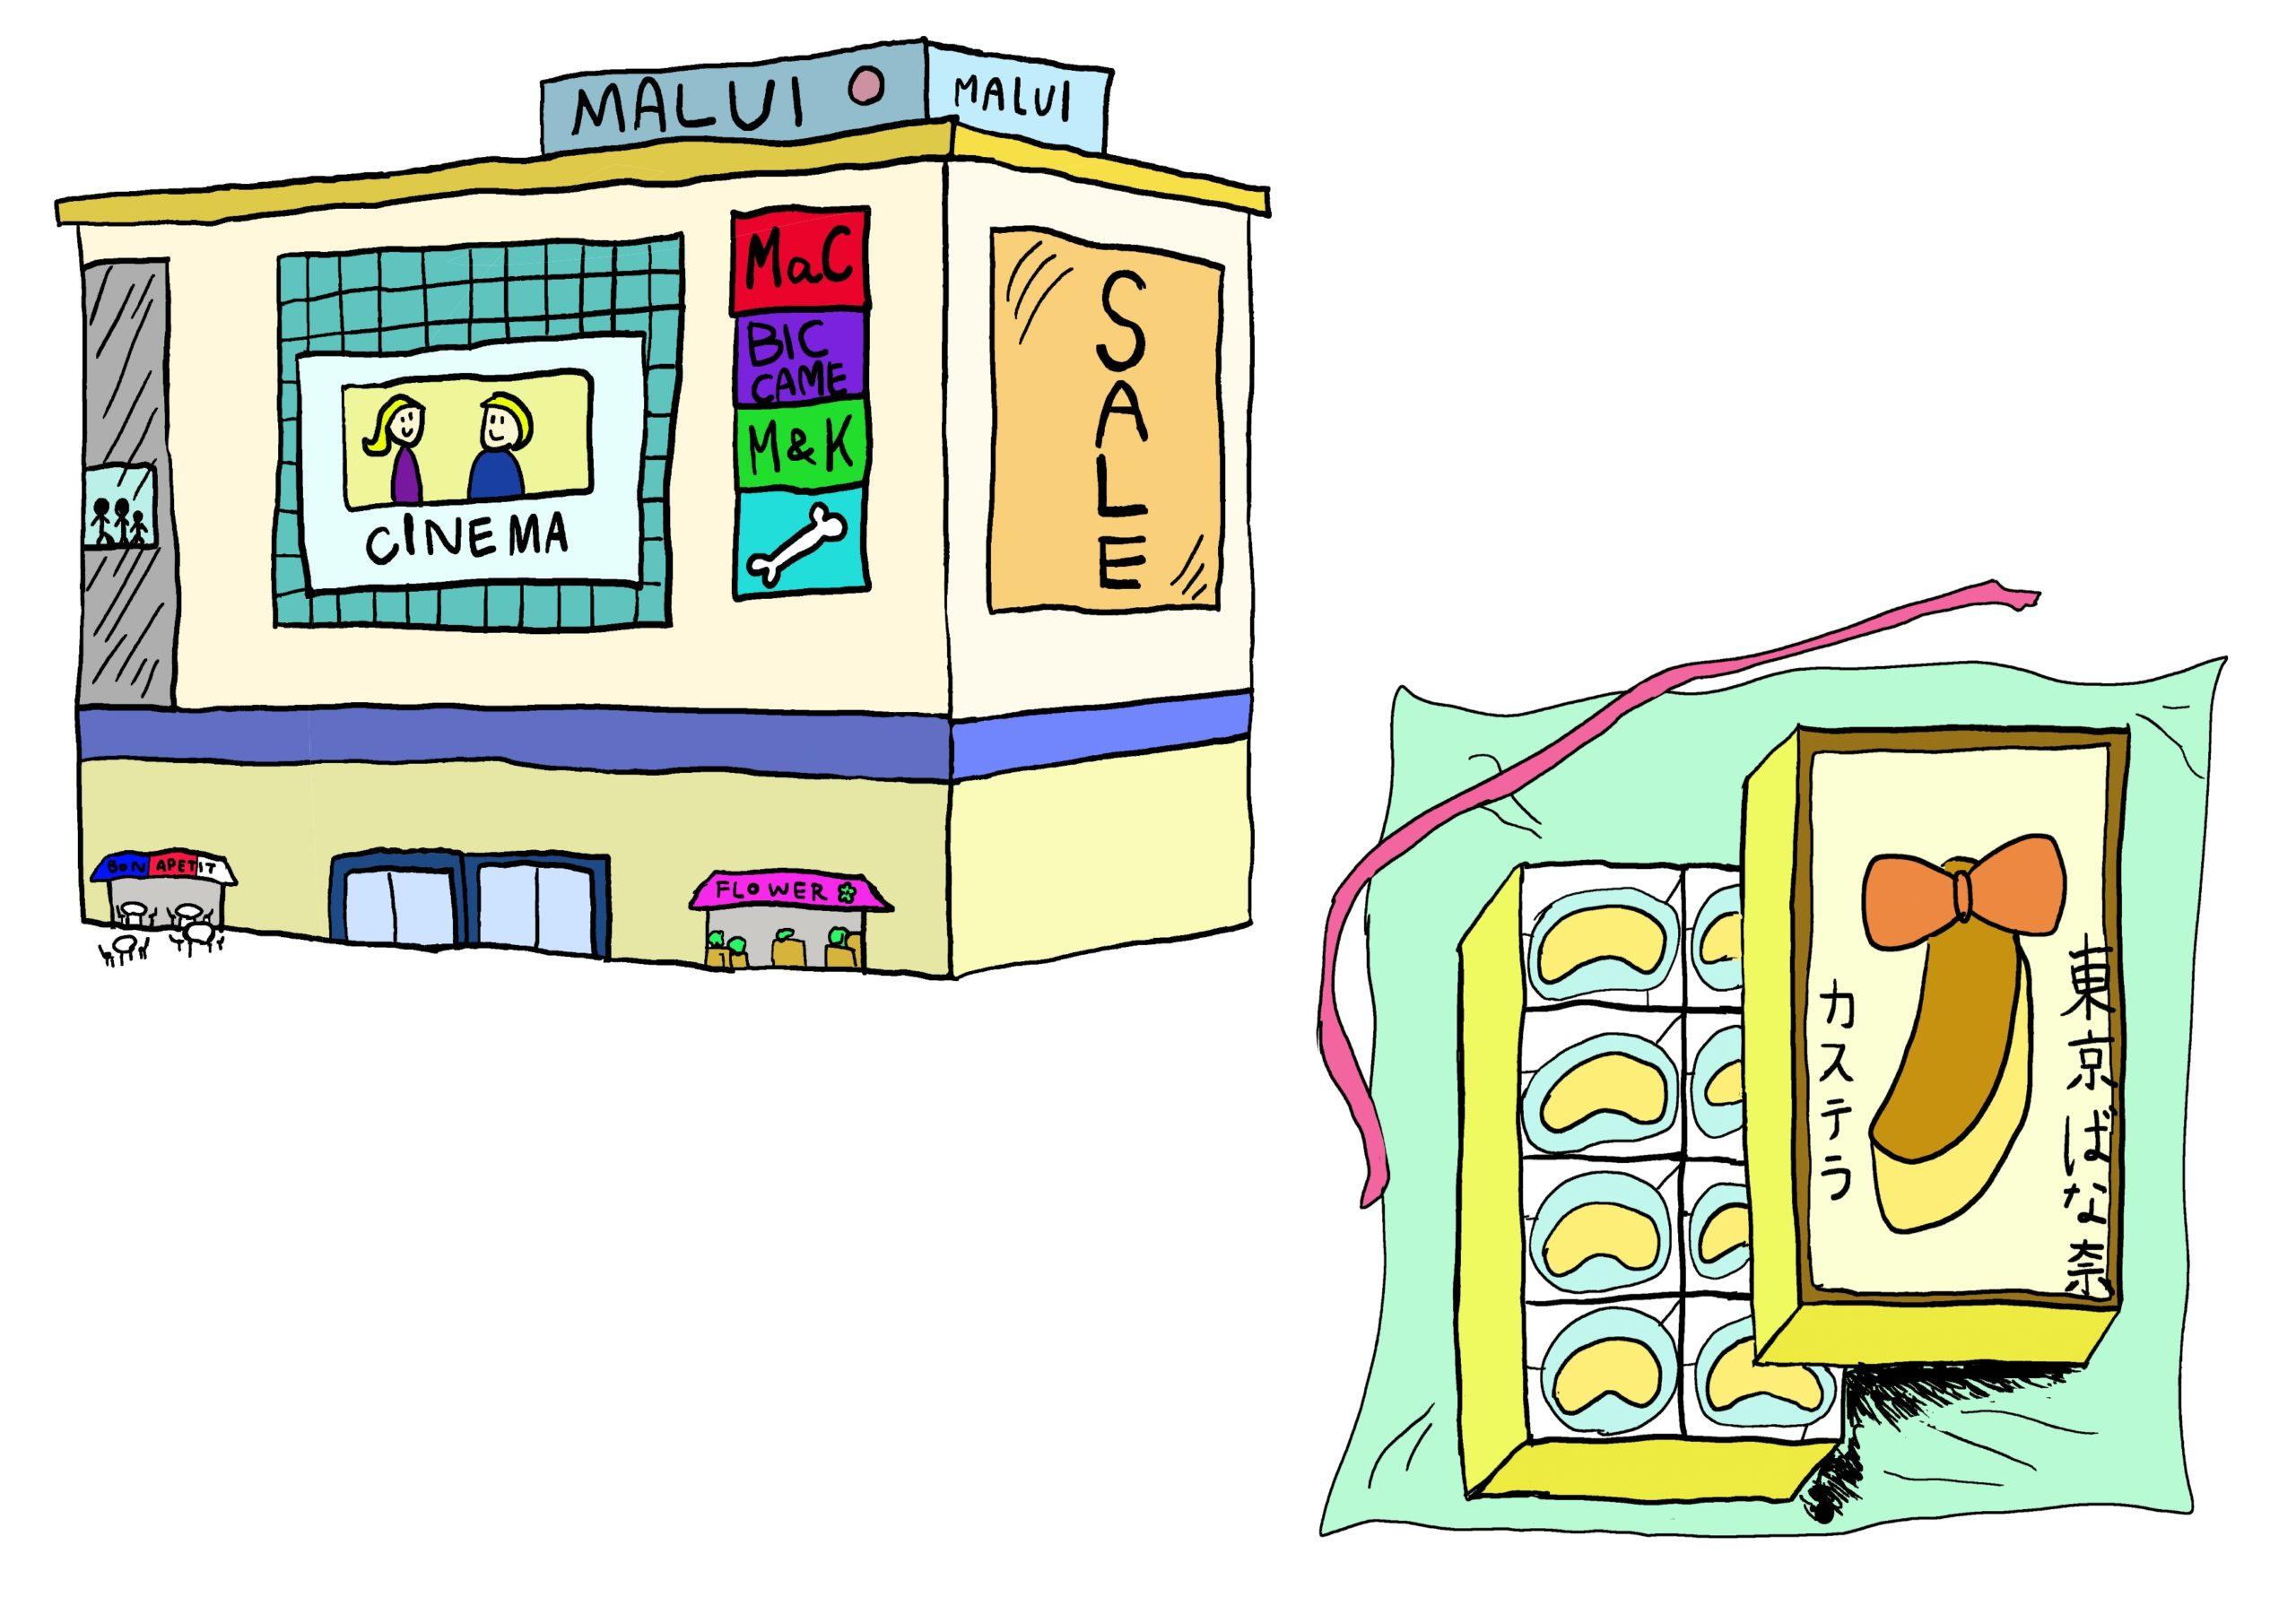 13課イラスト【デパートでお土産を買う】